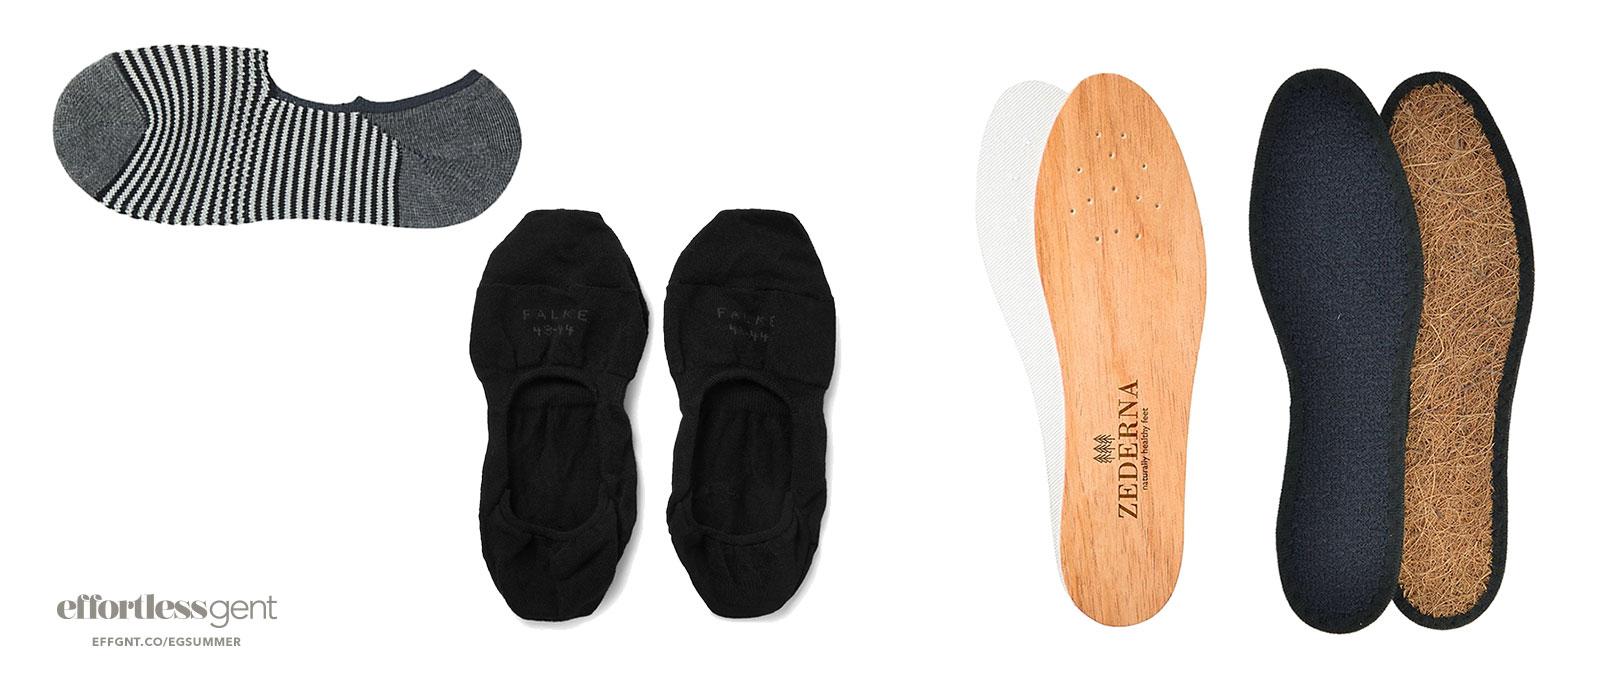 socks - summer clothes for men - effortless gent